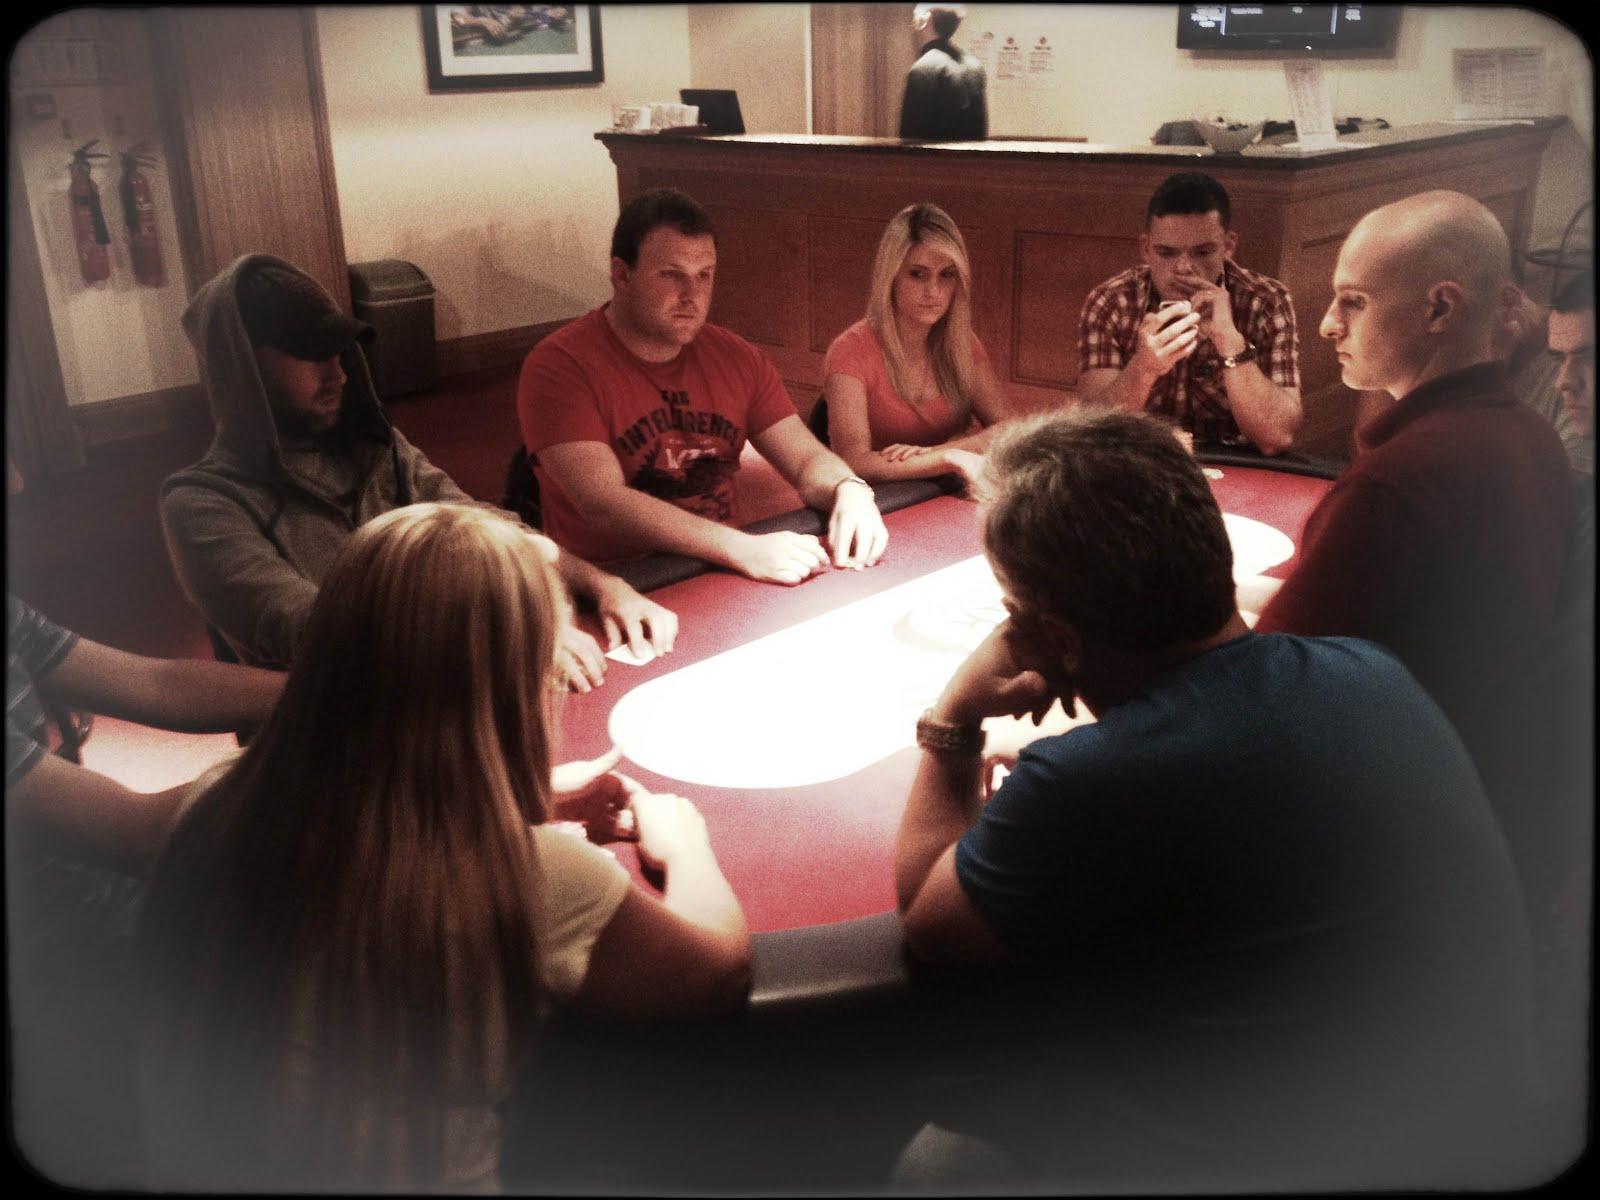 star poker results